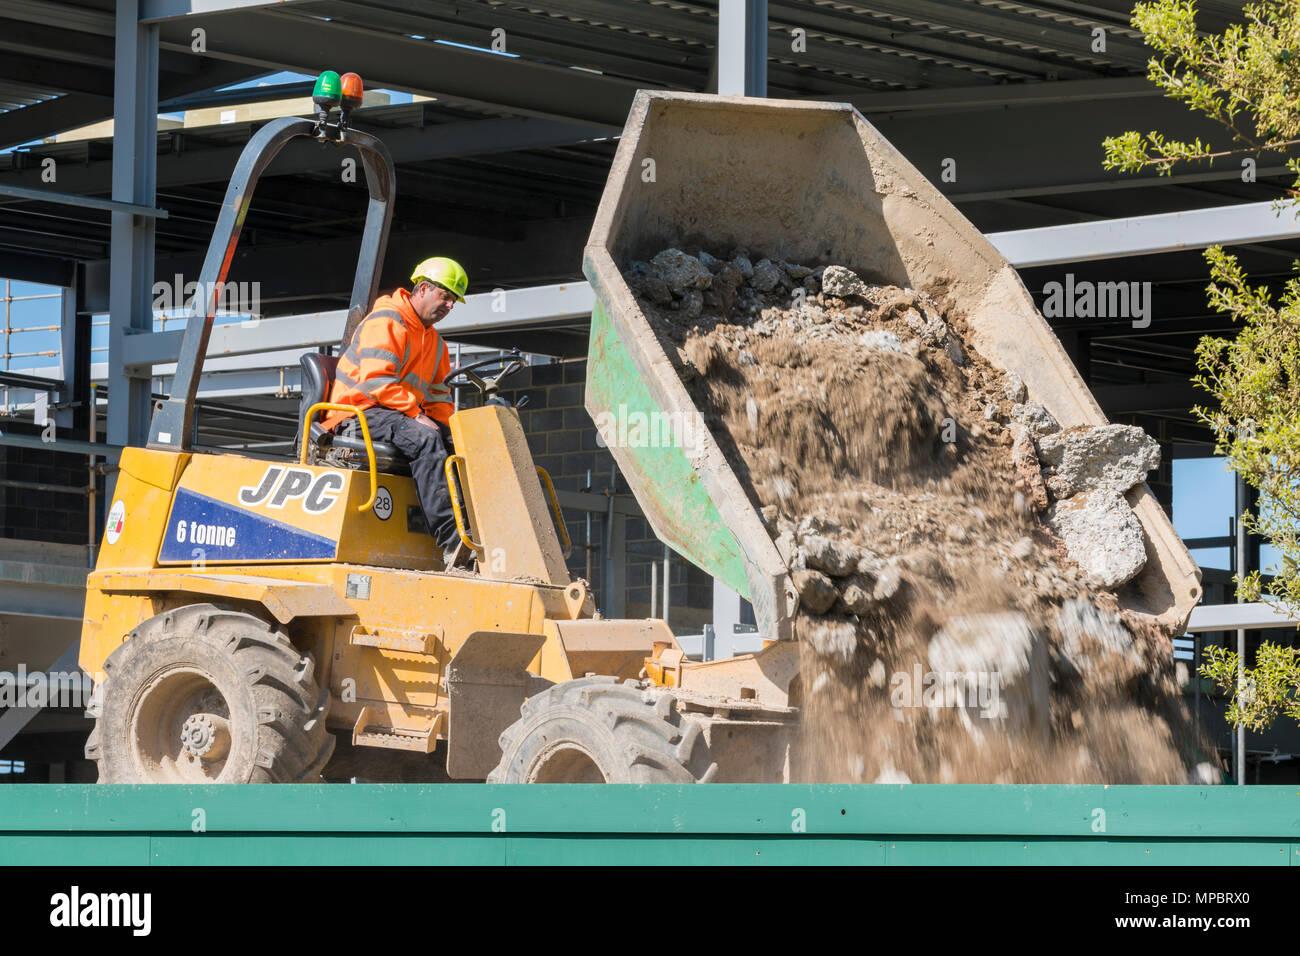 Véhicule de construction sur un chantier tipping des déblais. JPC véhicule. Photo Stock